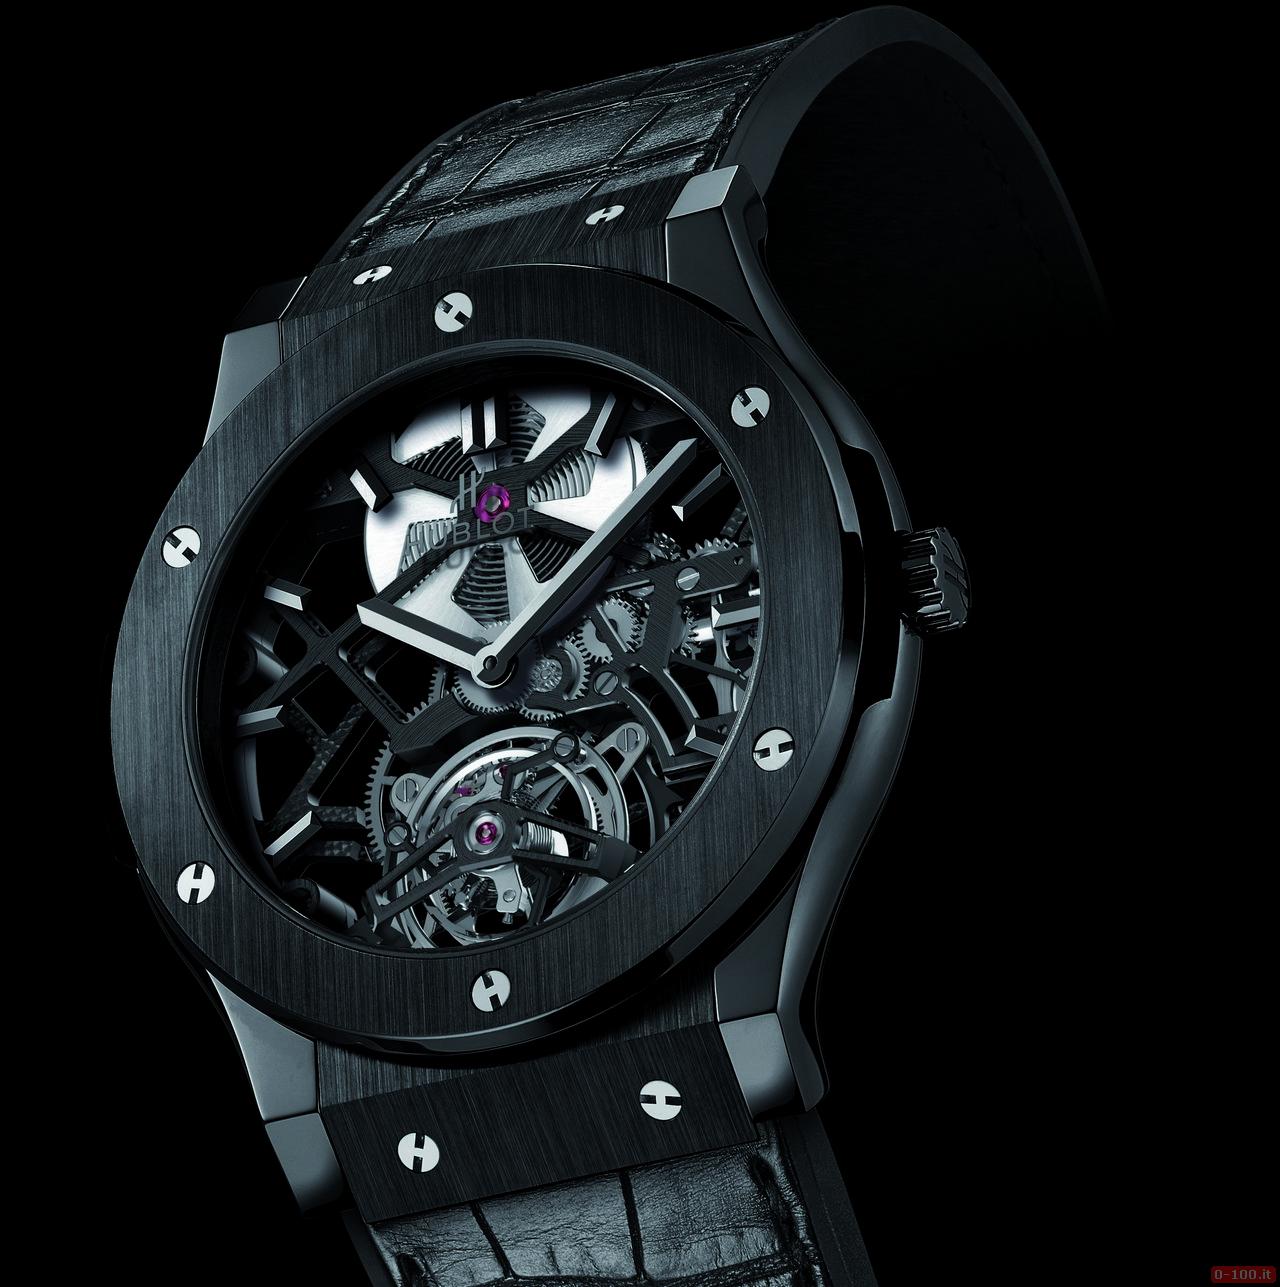 baselworld-2013-hublot-classic-fusion-tourbillon-squelette-black-ceramic_0-100 2